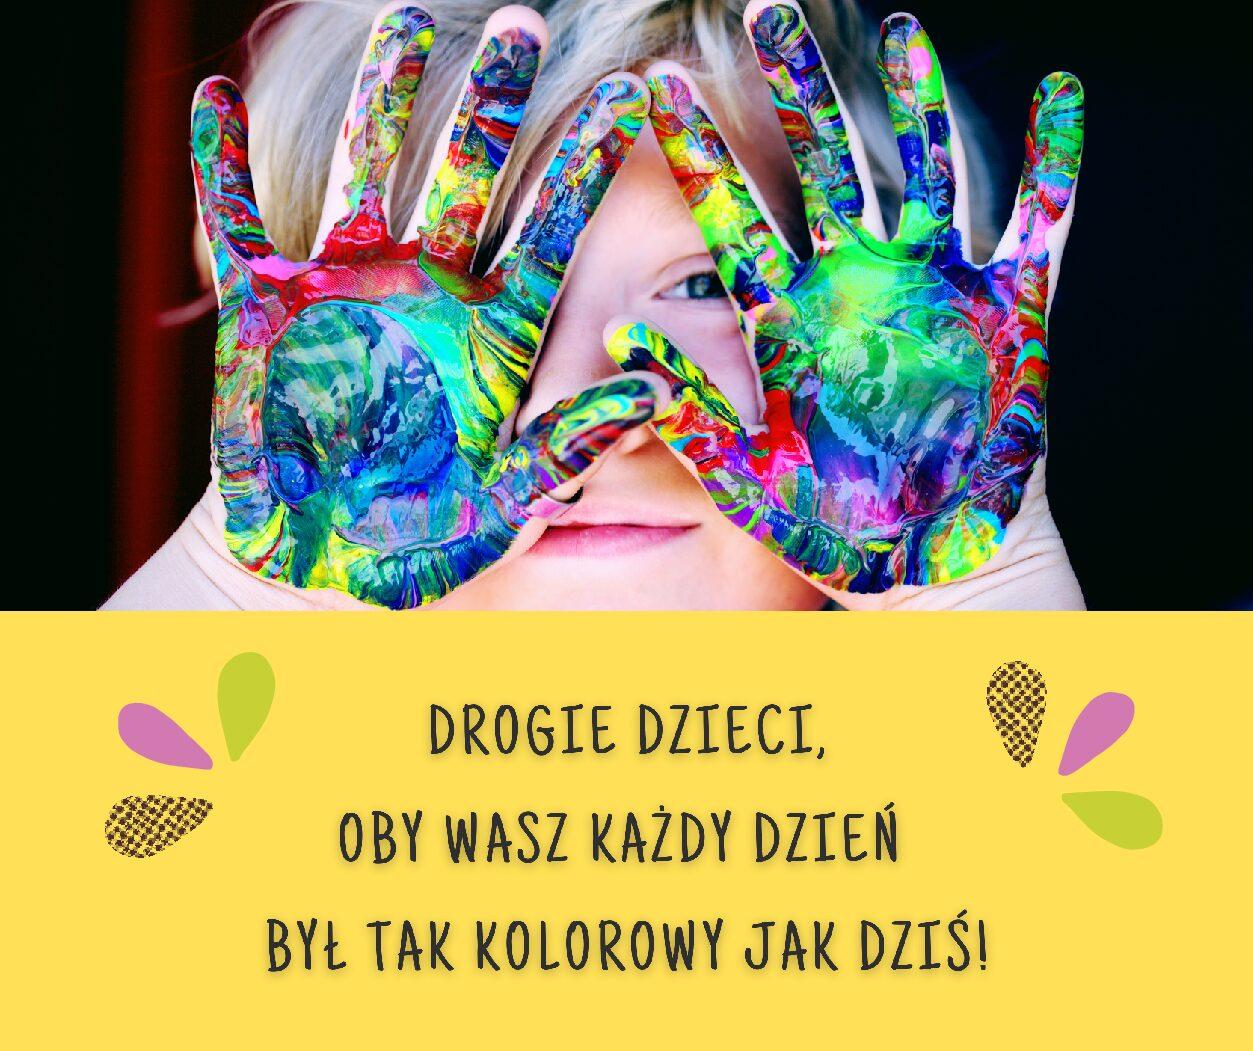 Najlepsze życzenia Dzieciaki!